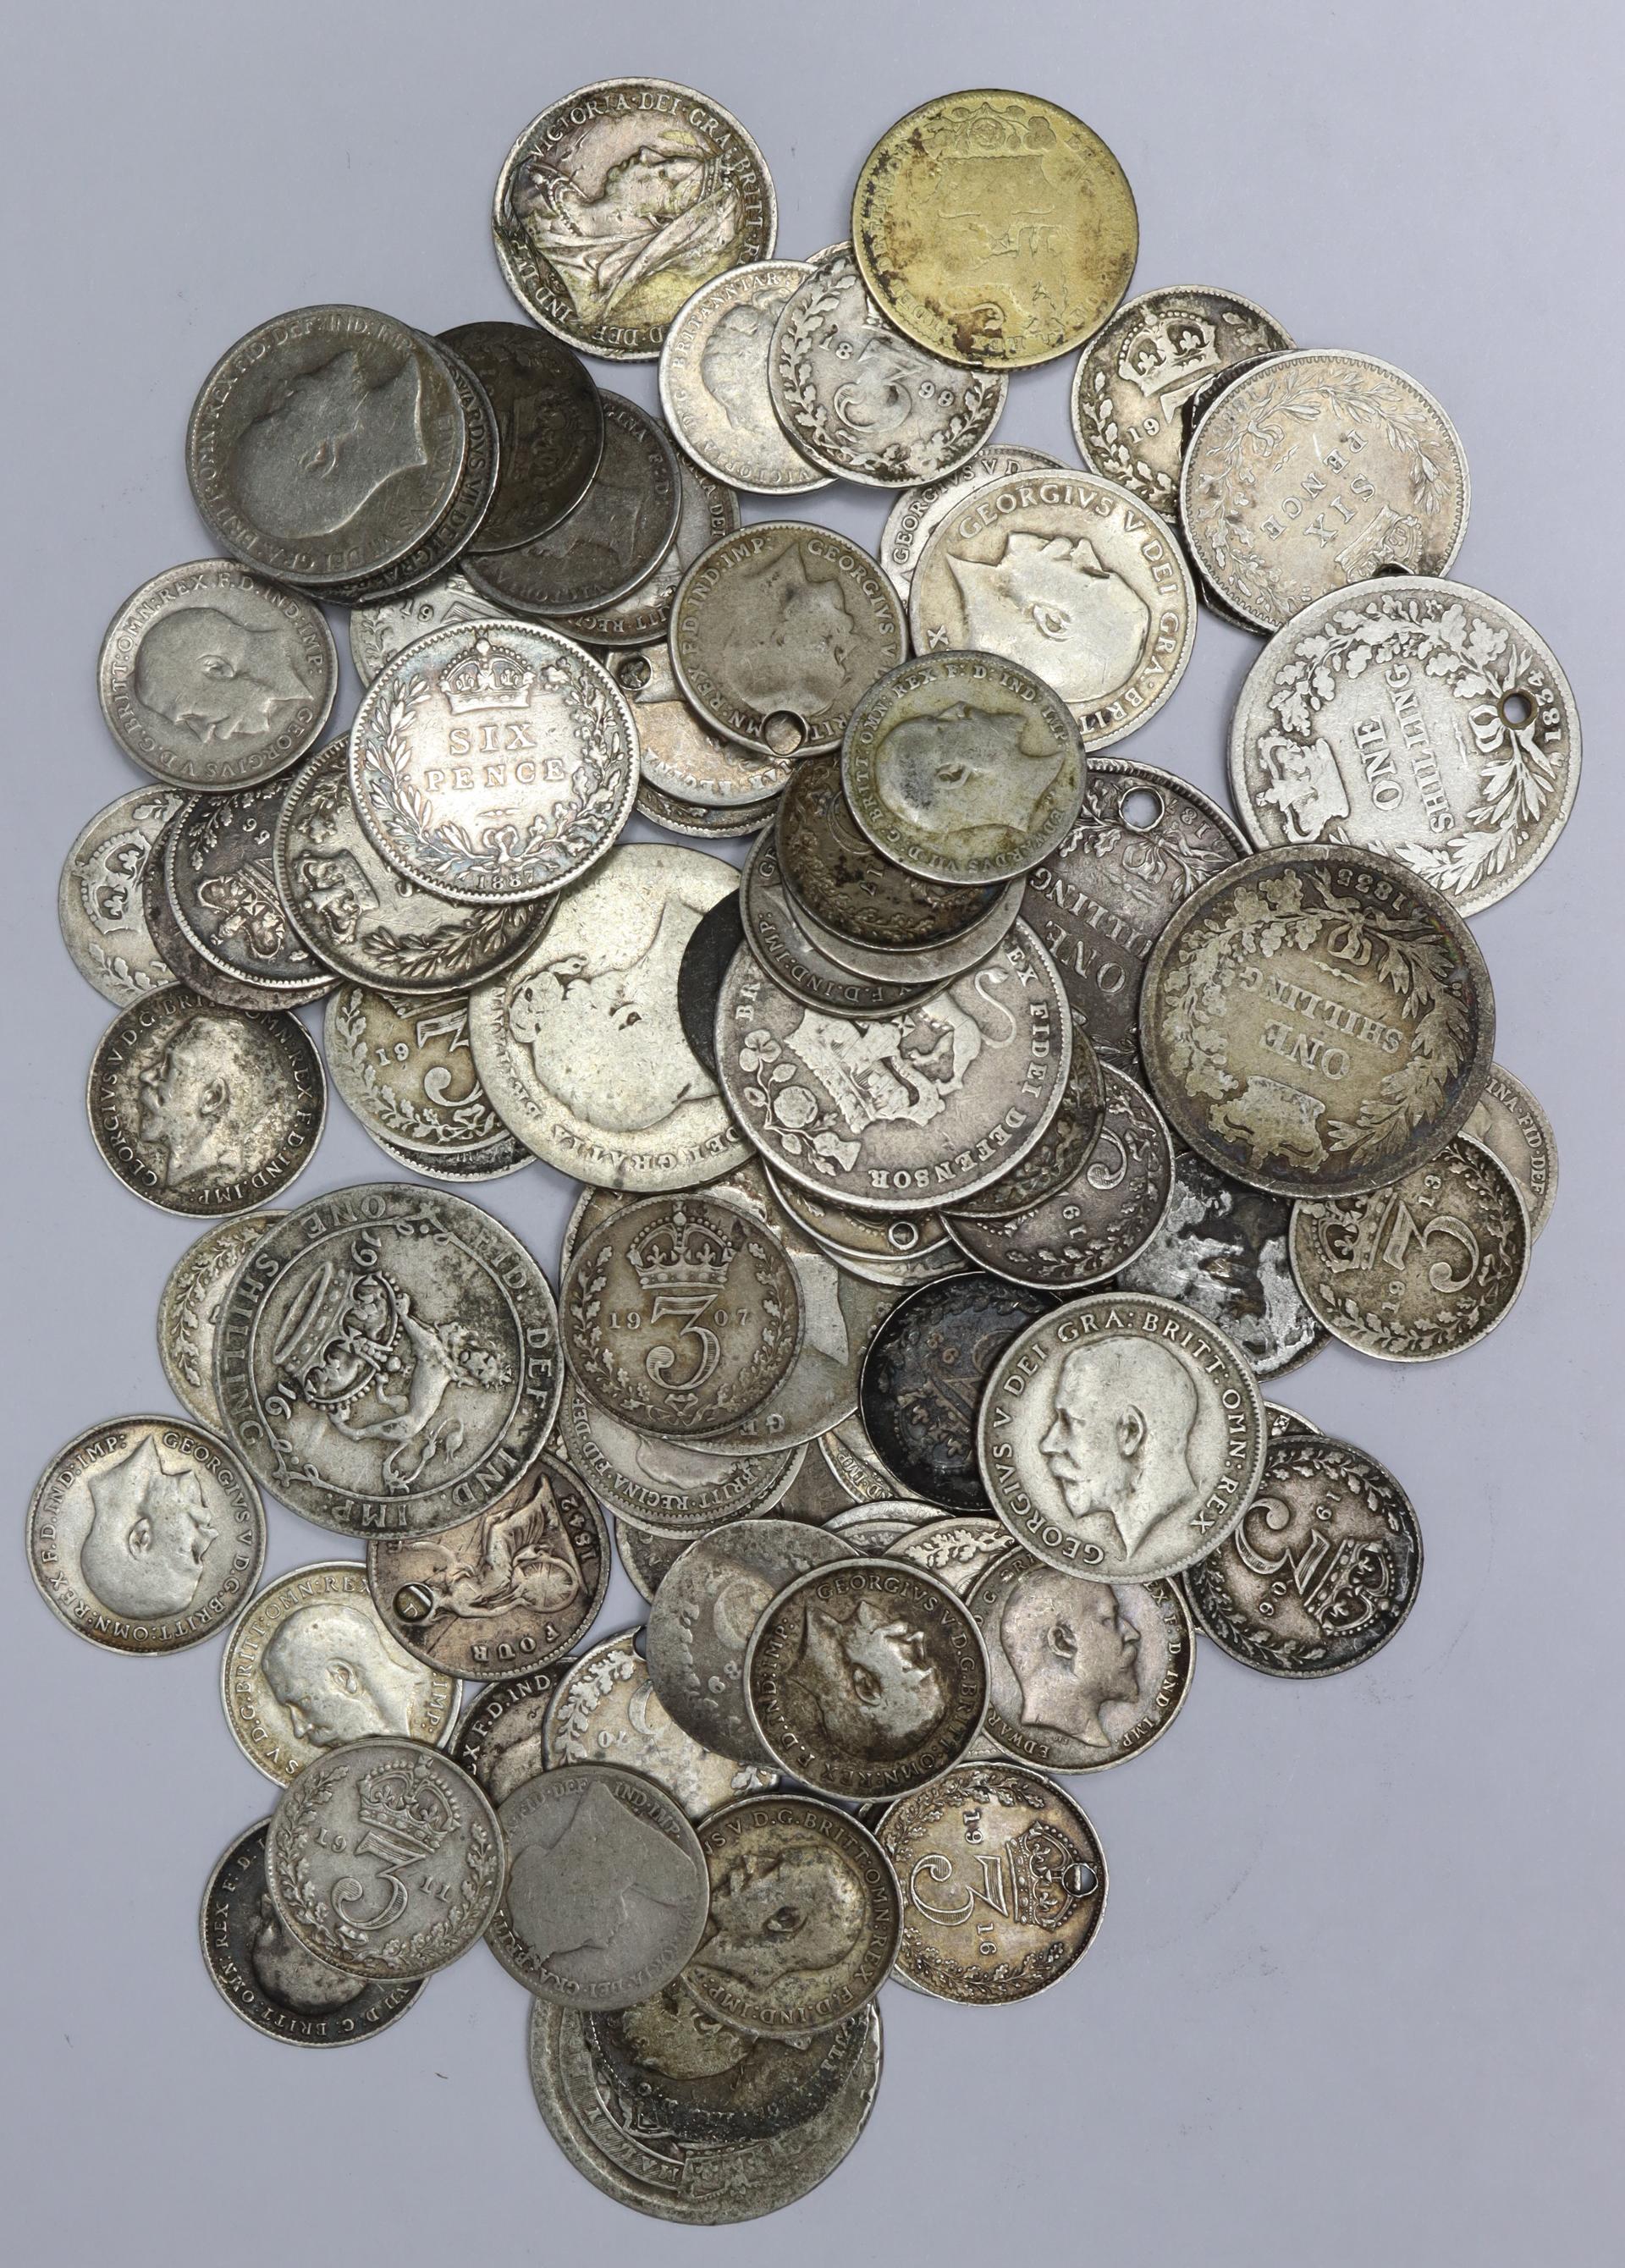 GB Pre-1920 Silver Coins 161.2g